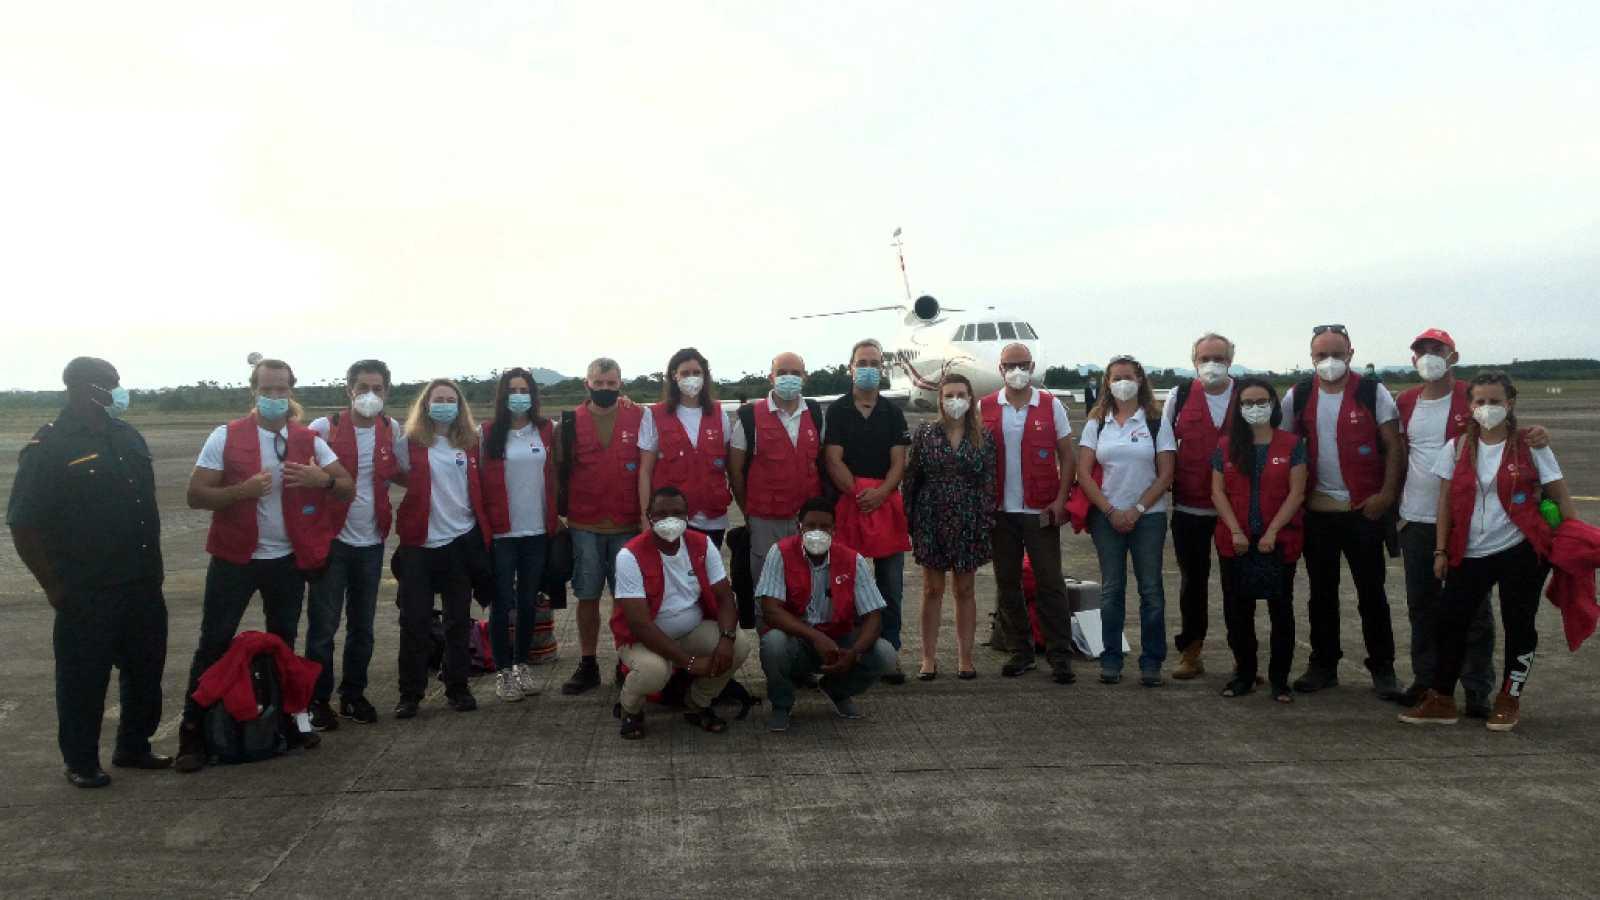 África hoy - El equipo Start, equipo español de ayuda humanitaria, ayuda en los hospitales de Bata - 29/03/21 - escuchar ahora